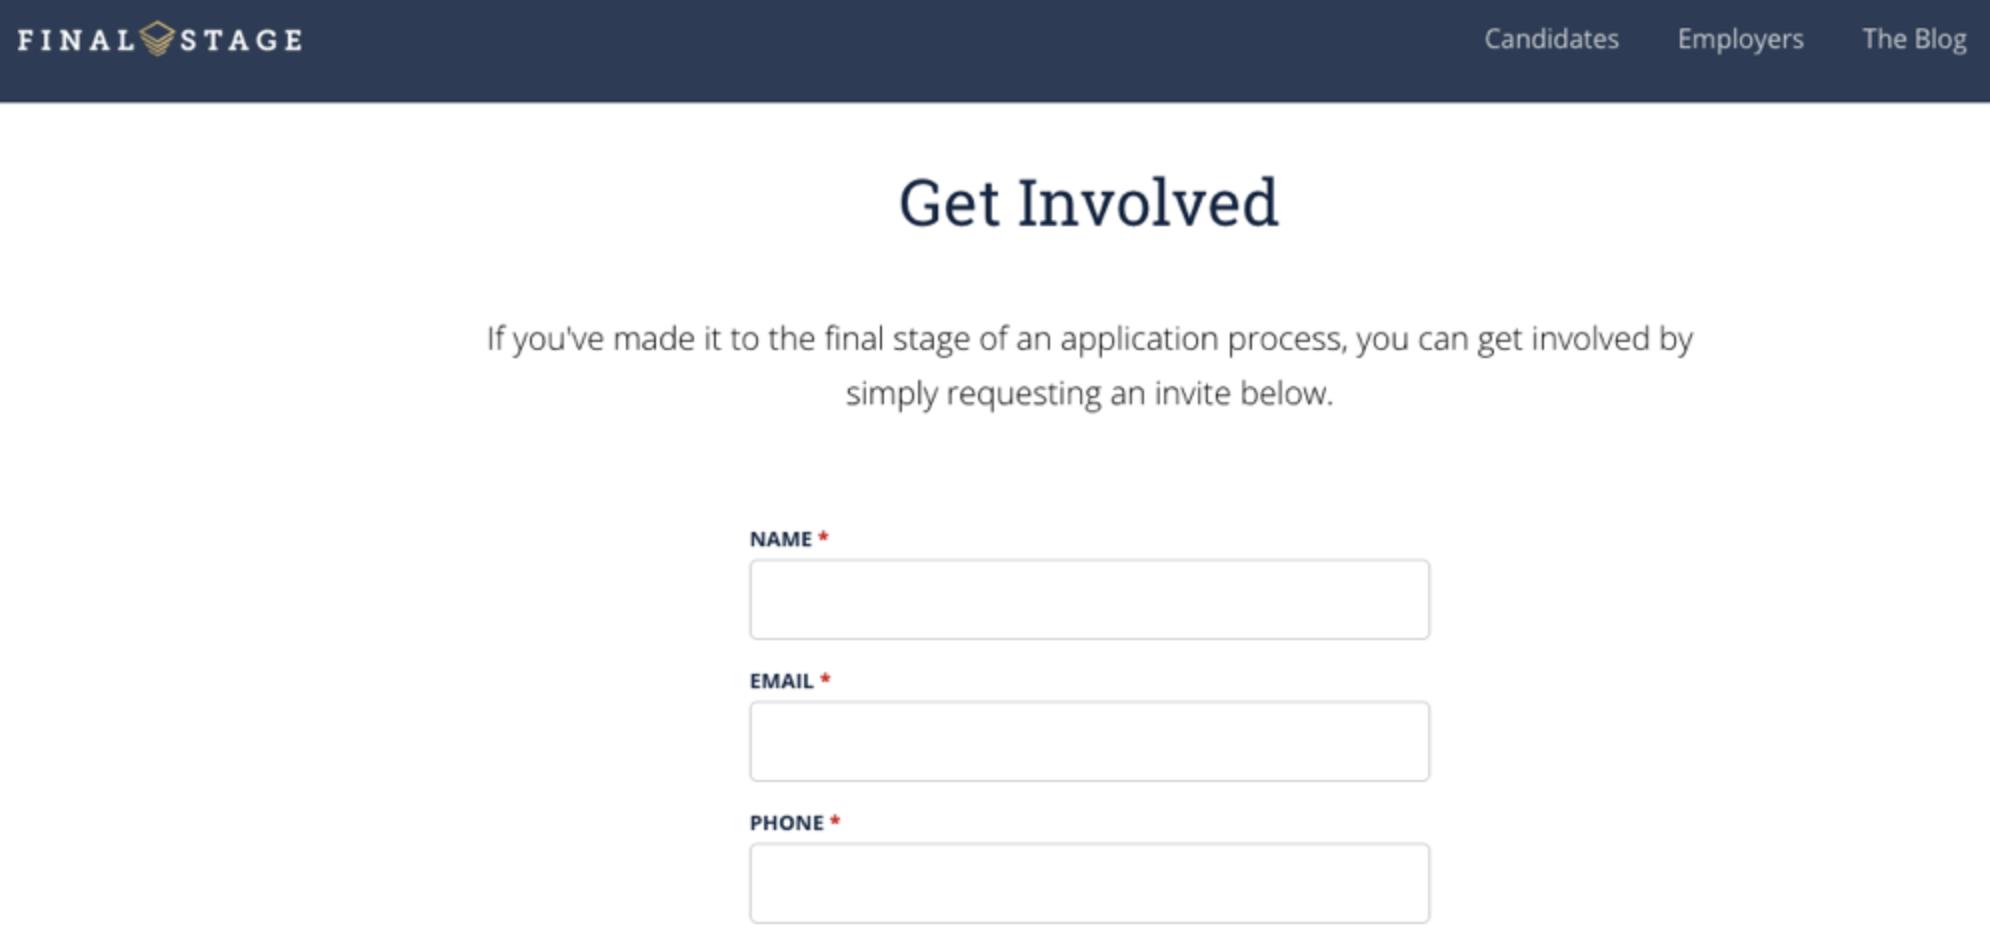 Final Stage invite request